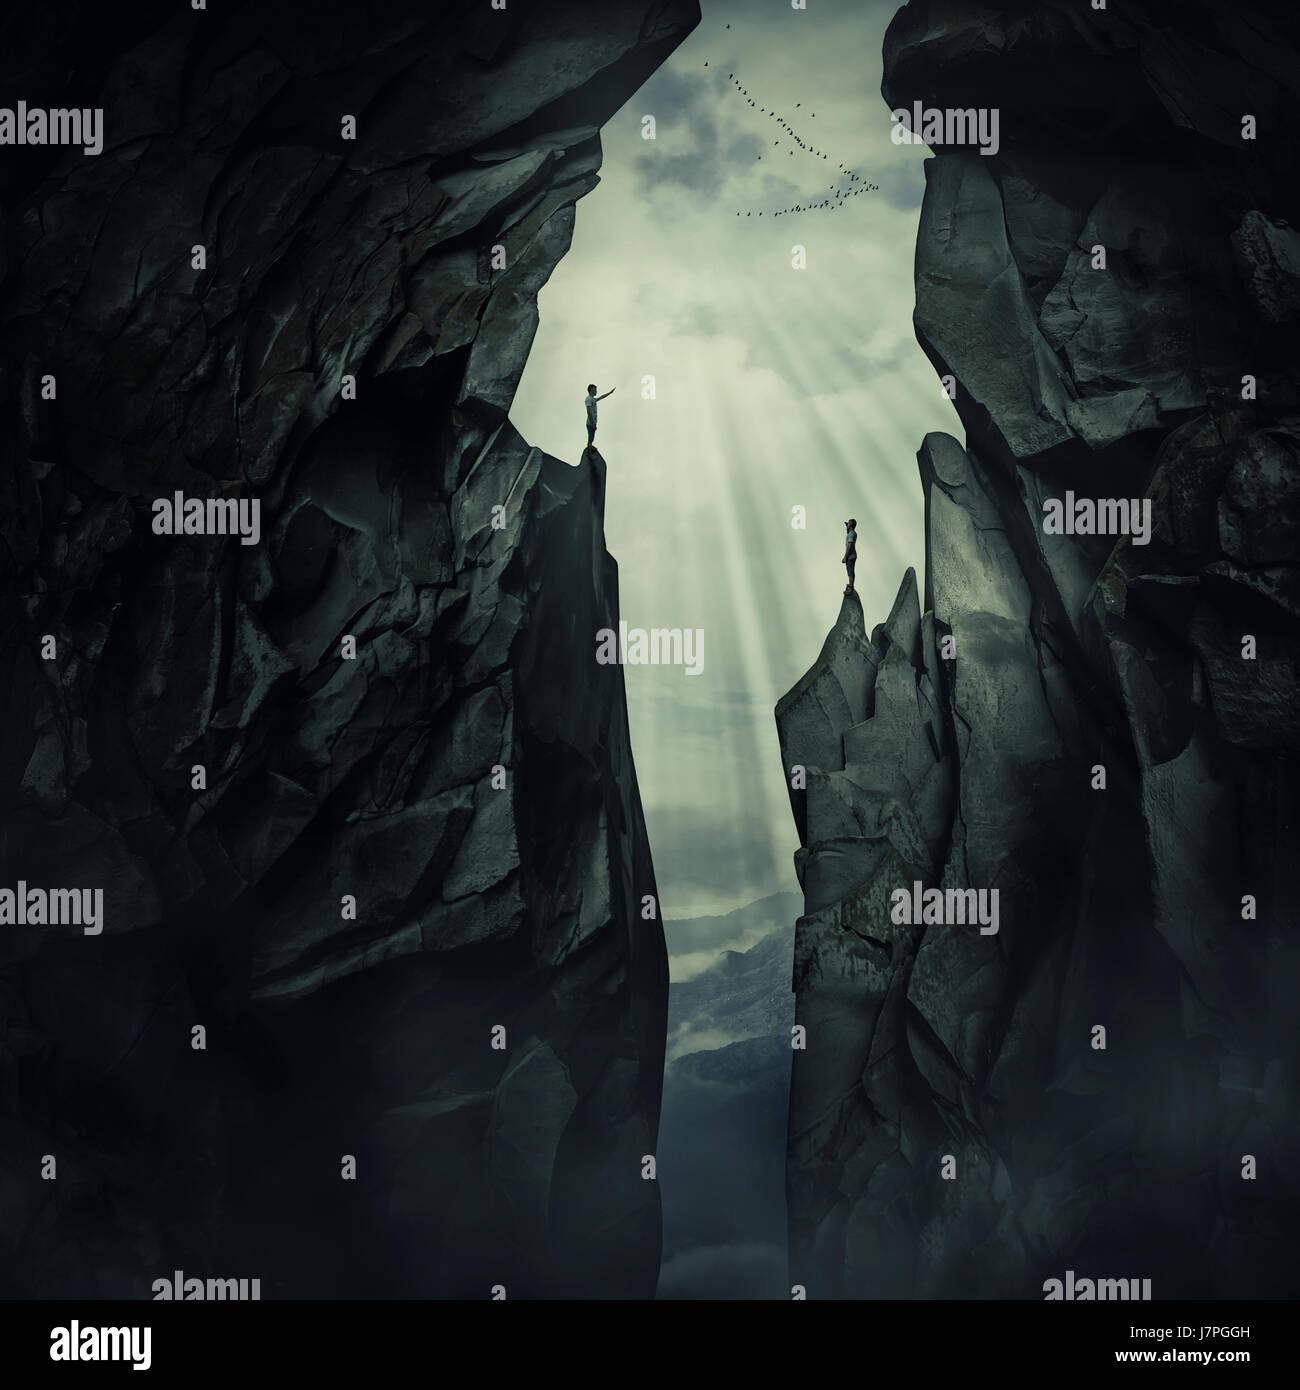 Konzeptbild mit zwei verlorene Personen am Rande des anderen montieren Gipfel stehen, versuchen, einander zu finden. Stockbild